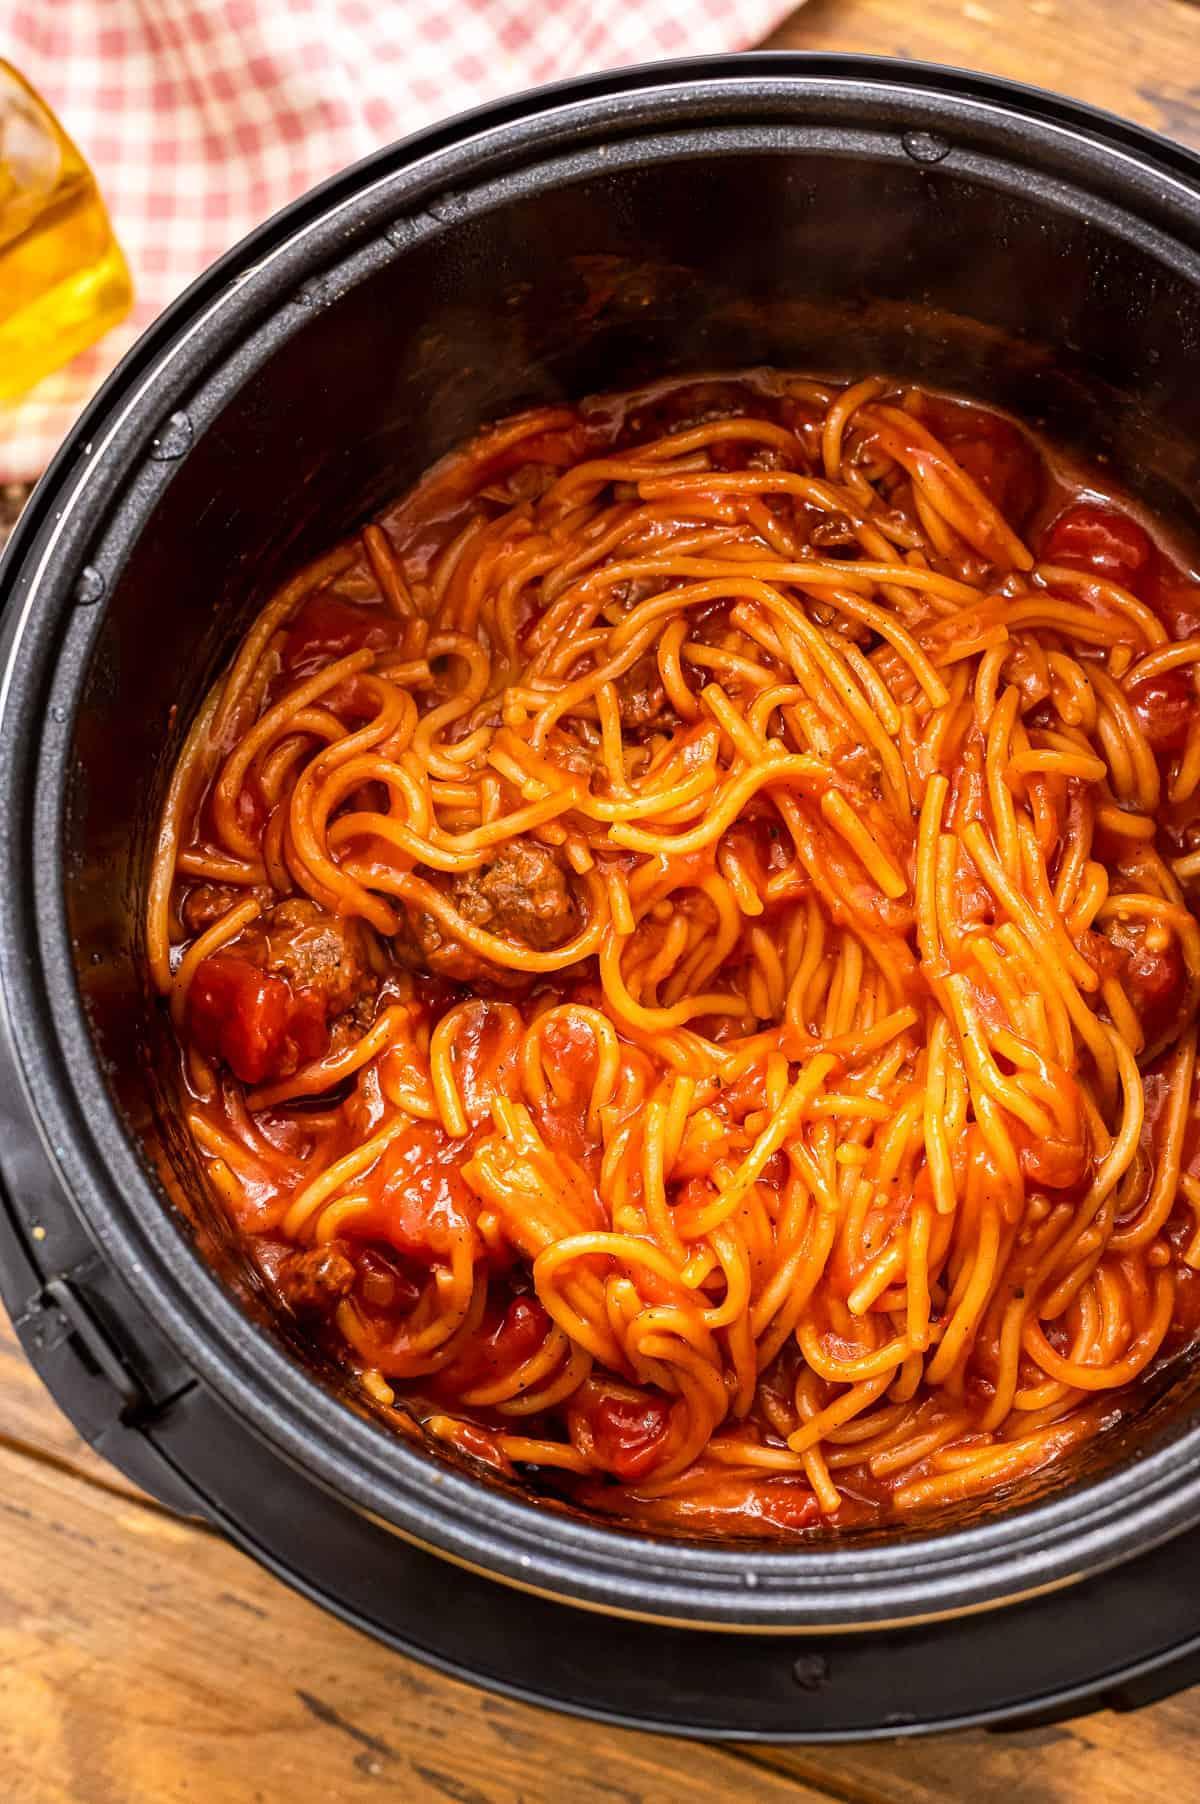 Prepared Spaghetti and Meatballs in Instant Pot